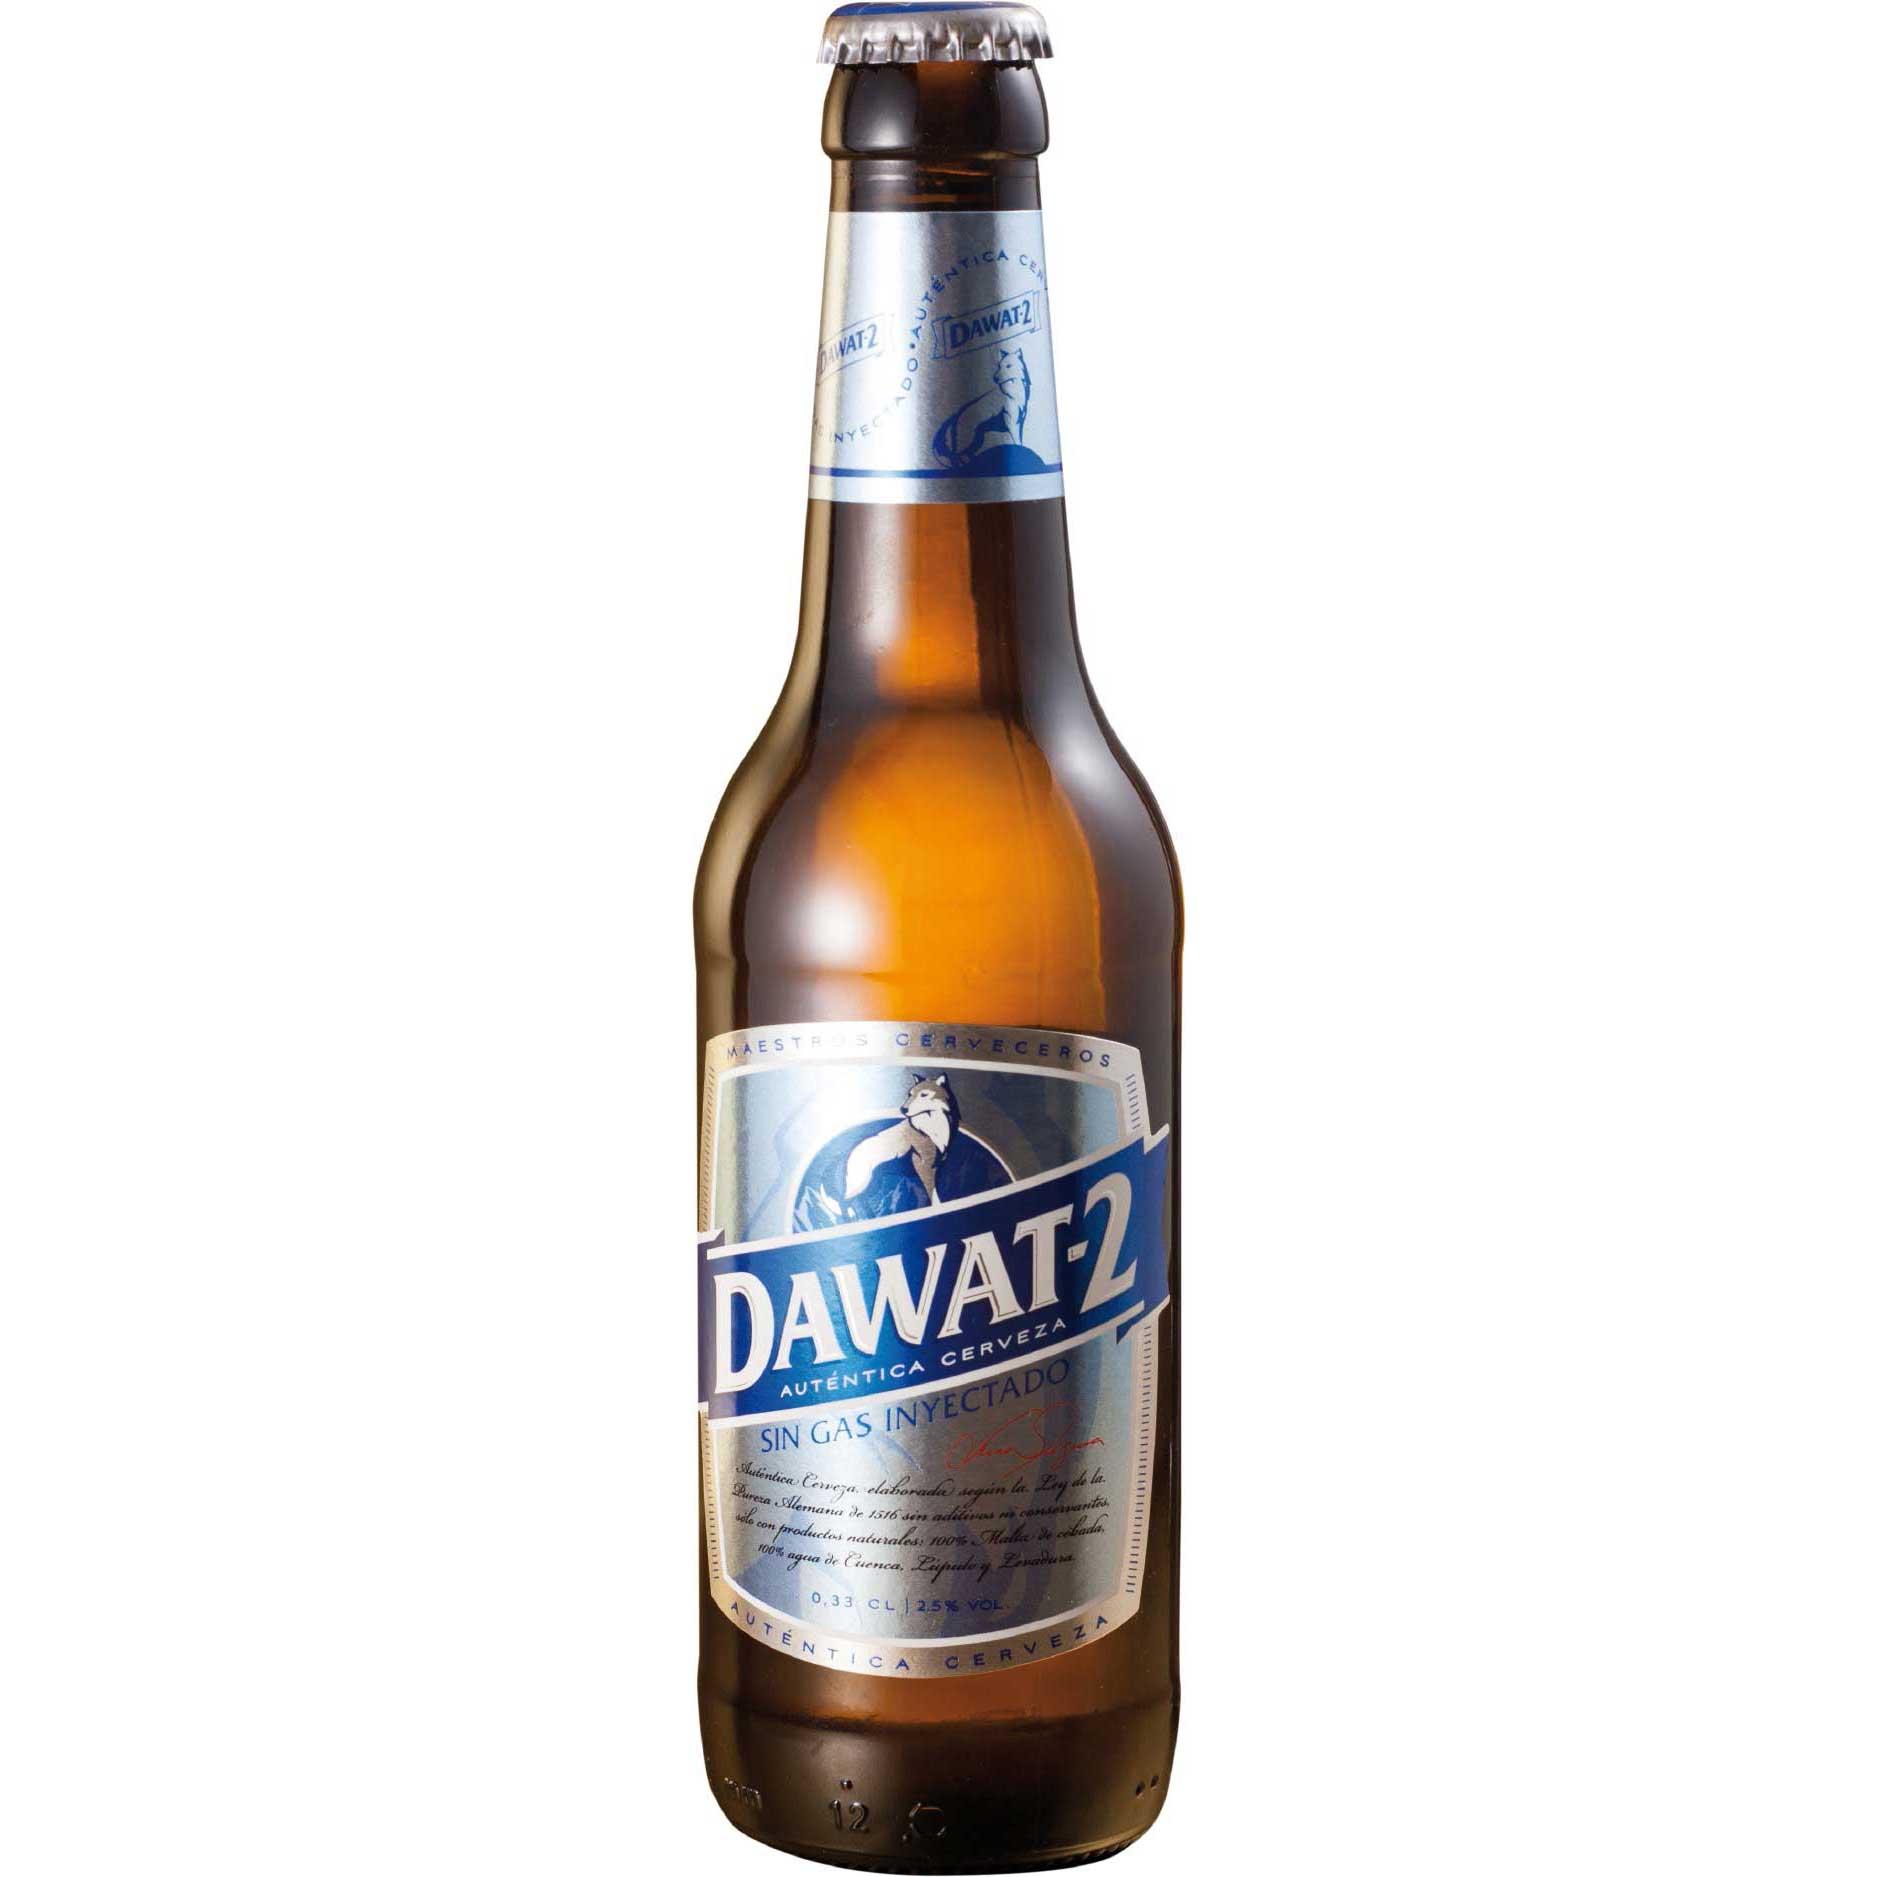 Comprar Cerveza Artesanal Dawat-2. Tipo Bitter Ale, cerveza rubia, baja graduación y refrescante. Producto gourmet Cuenca. Delicatessen de Castilla-La Mancha